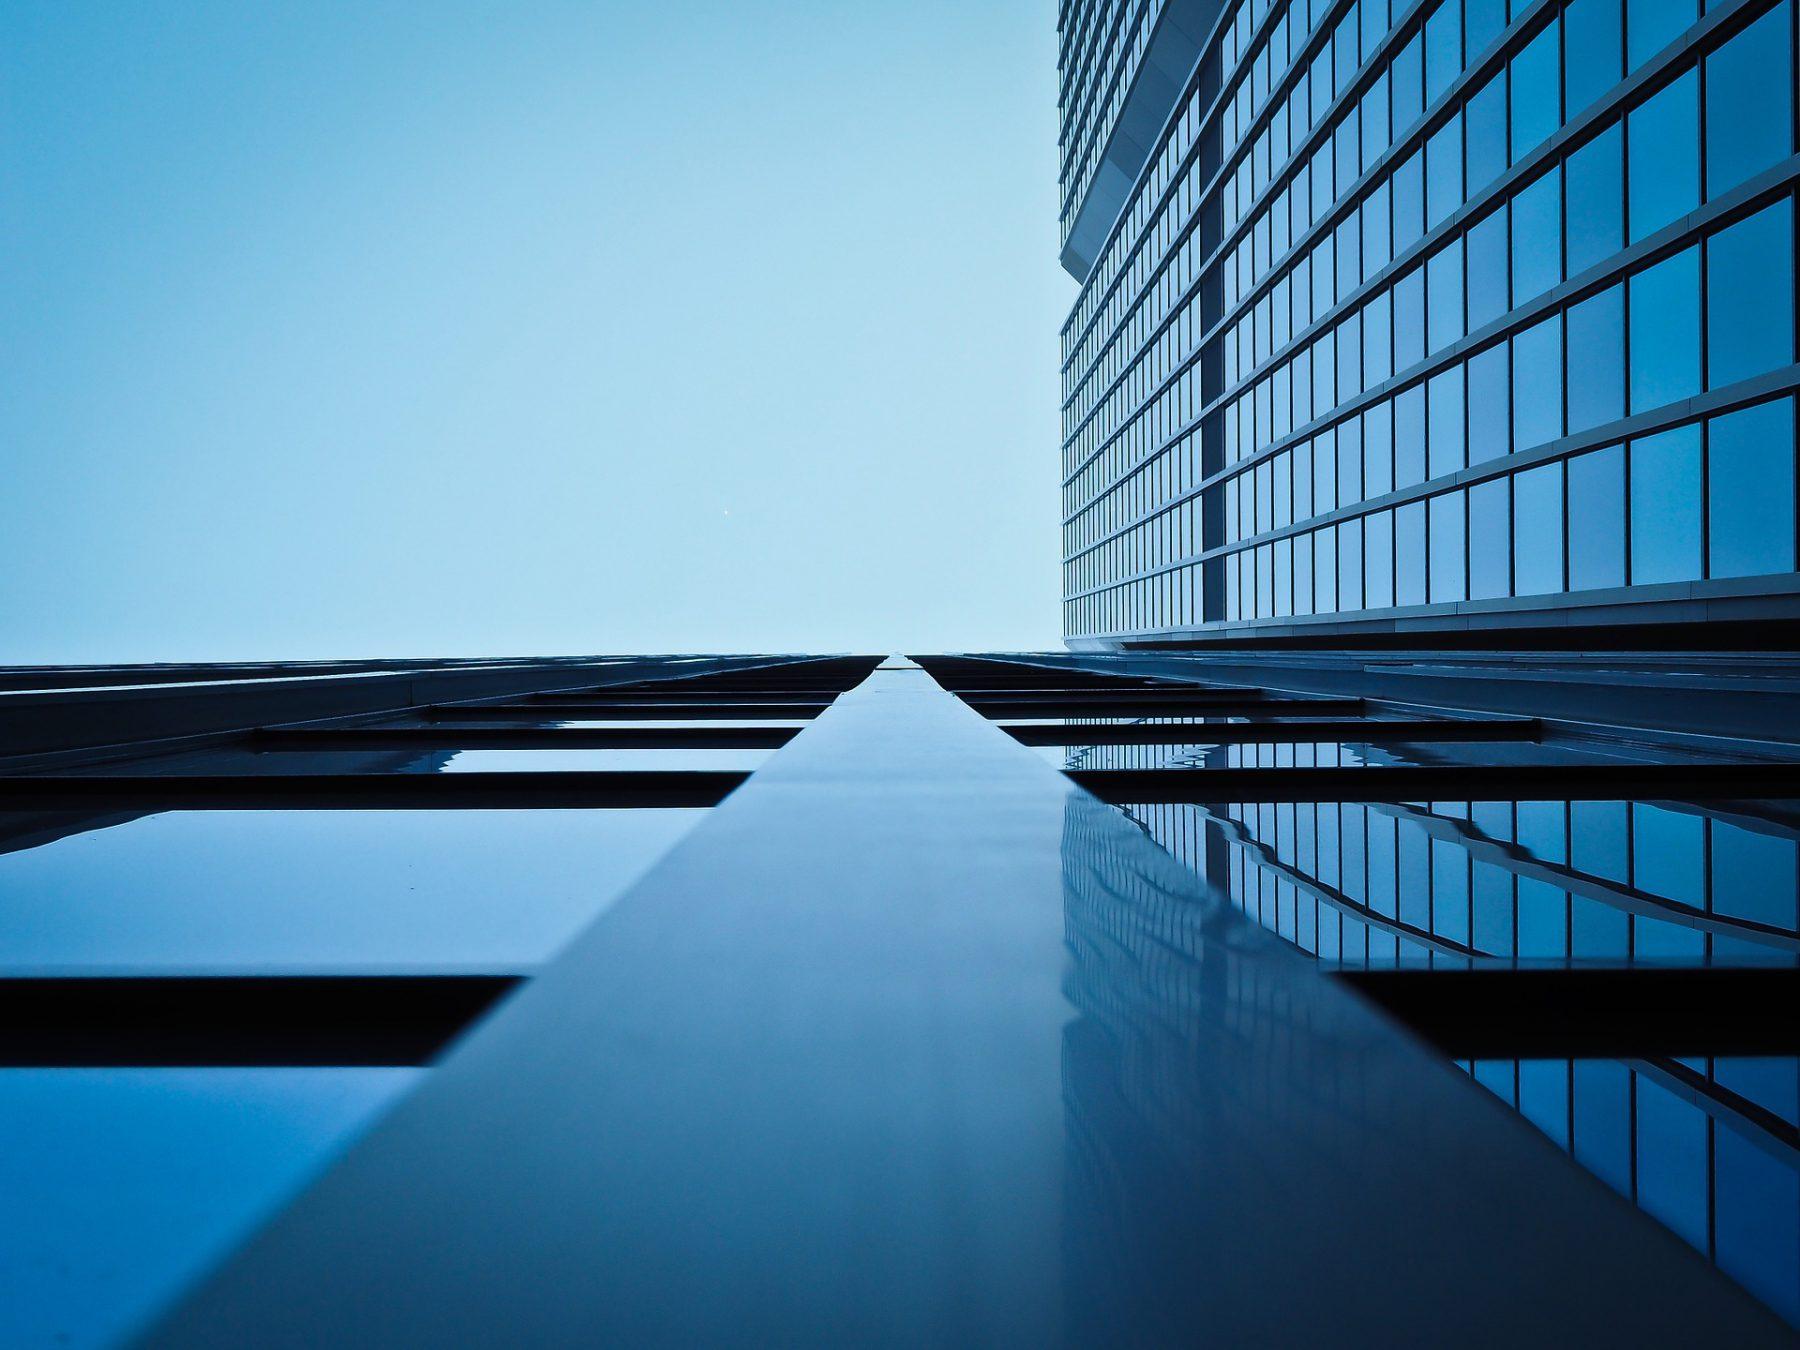 Hermes Projektentwicklung   Immobilien Planung und Sanierung - Management - EEigen- und Fremdkapitalbeschaffung, Schaffung von Baurecht, Entwicklung von Baubeschreibungen, Auswahl Produktmix, Marketing und Vertrieb.